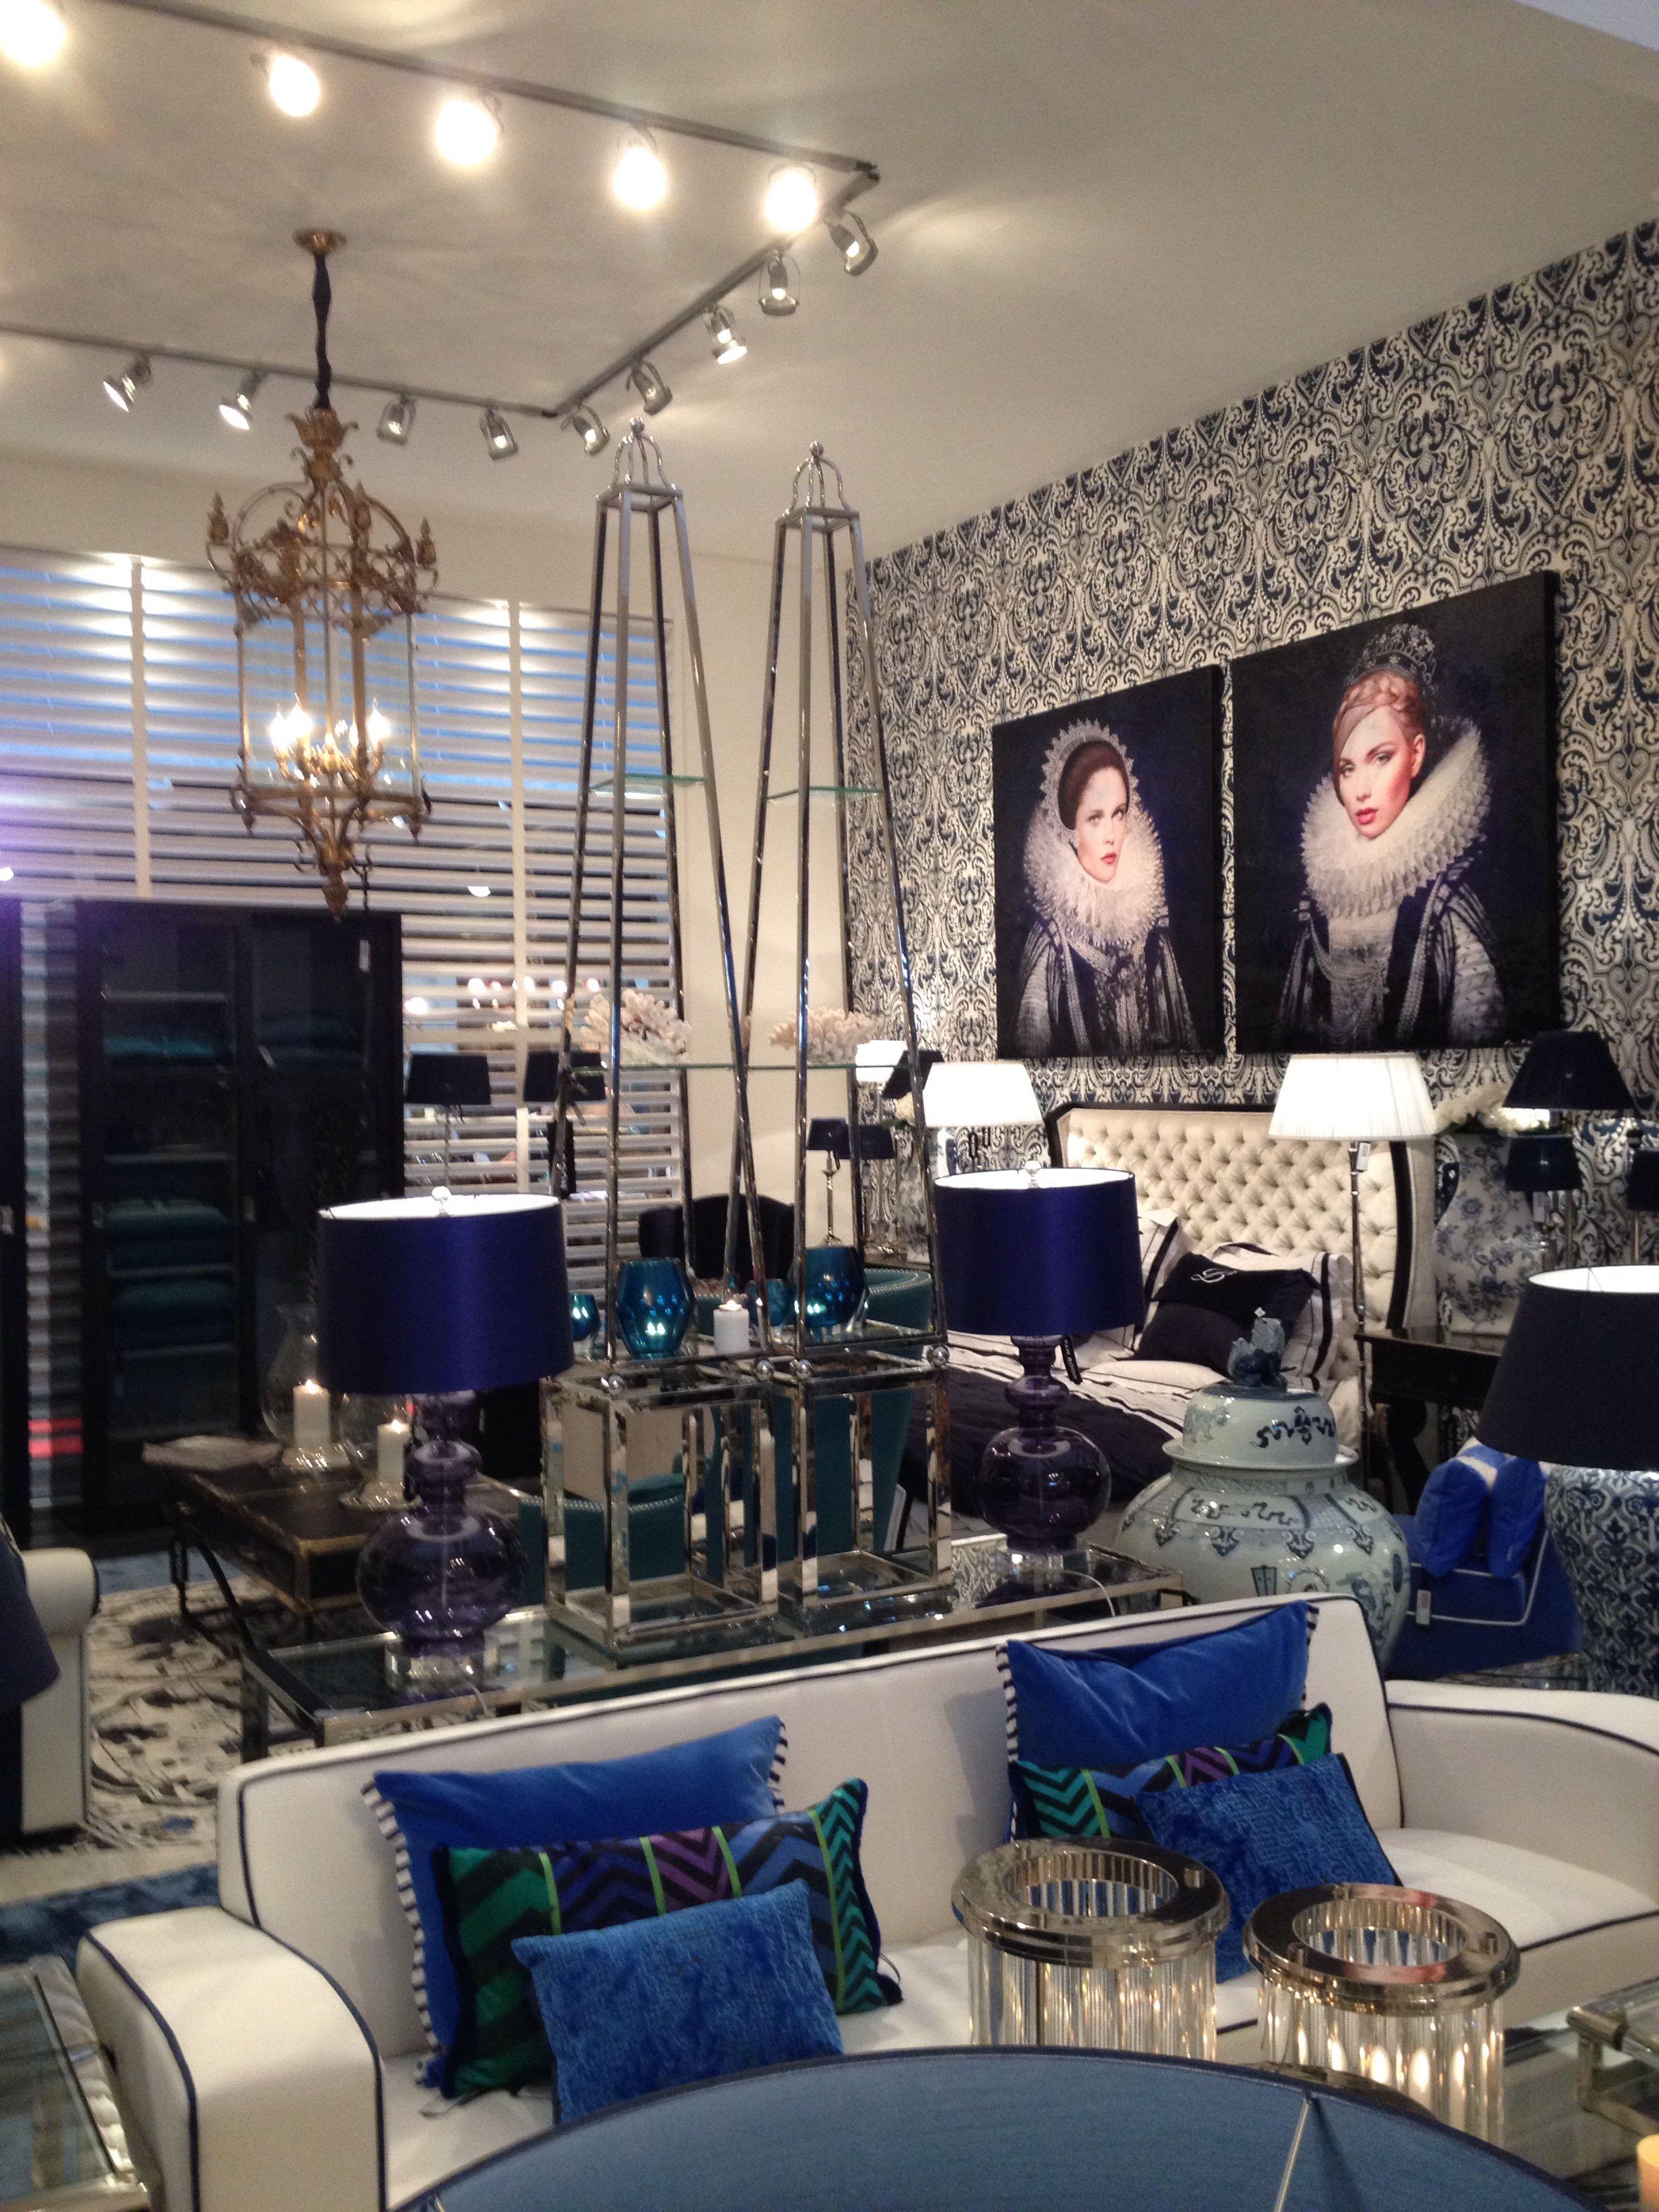 Van roon living s show room salon maison et objet paris - Salon maison et objet ...